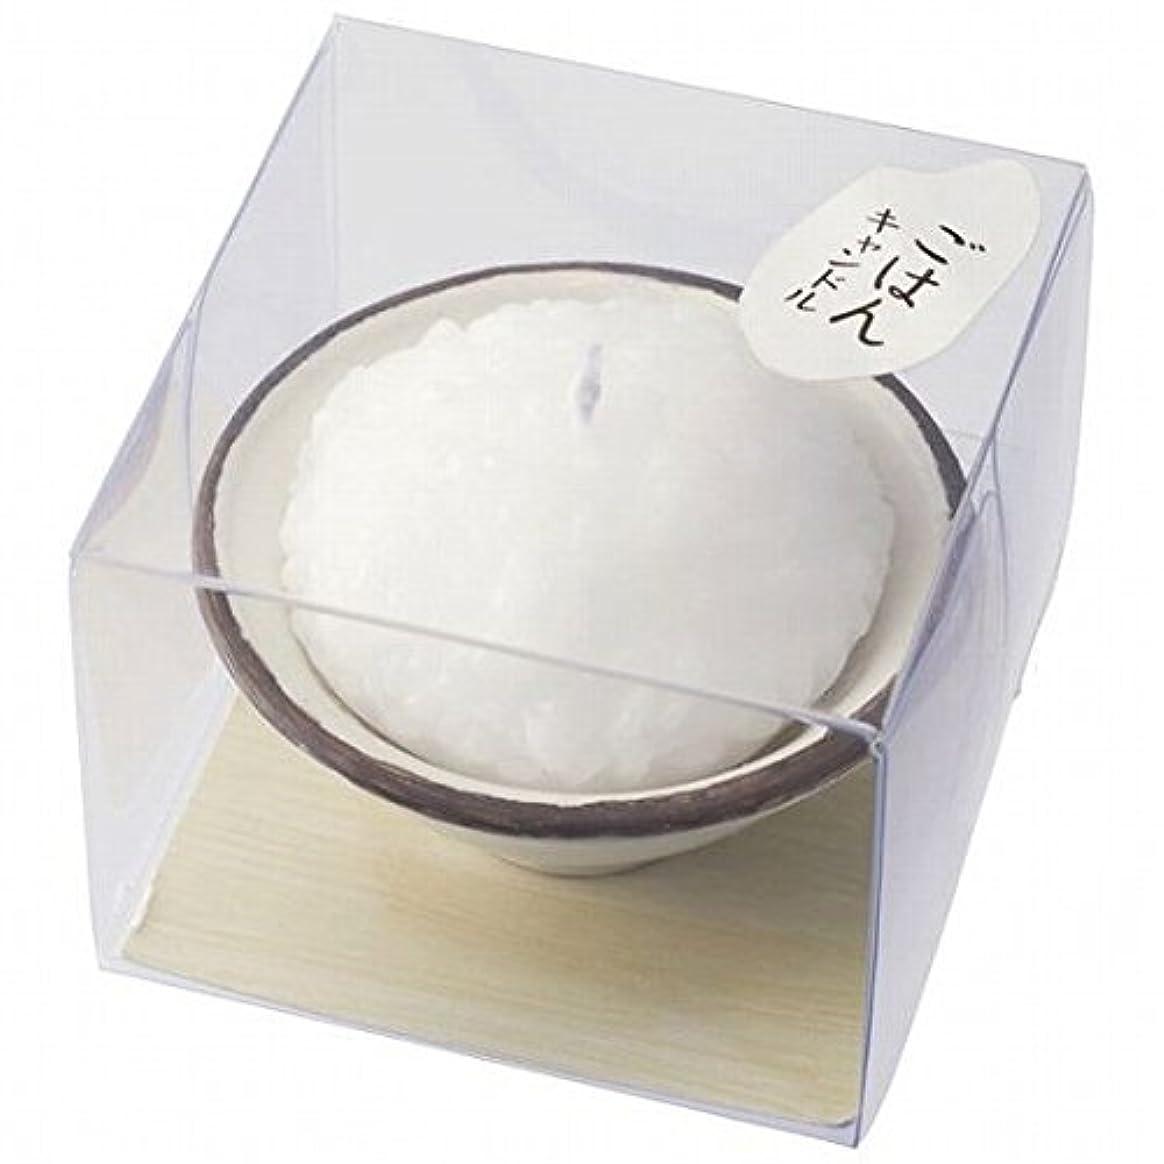 束ぎこちない死の顎kameyama candle(カメヤマキャンドル) ごはんキャンドル(86970000)